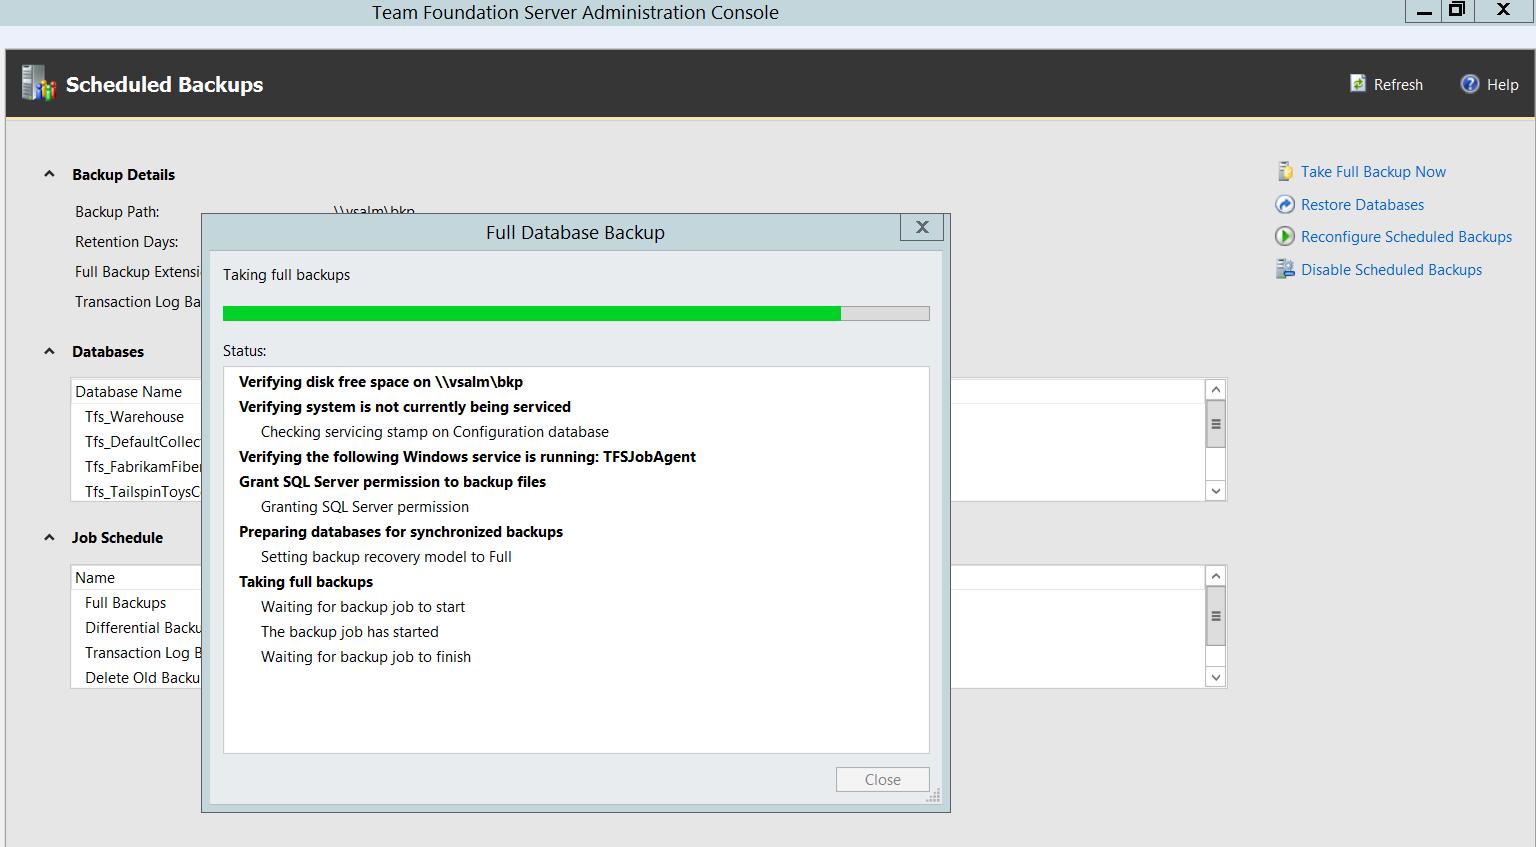 Monitorando um backup full na base de dados do Team Foudation Server